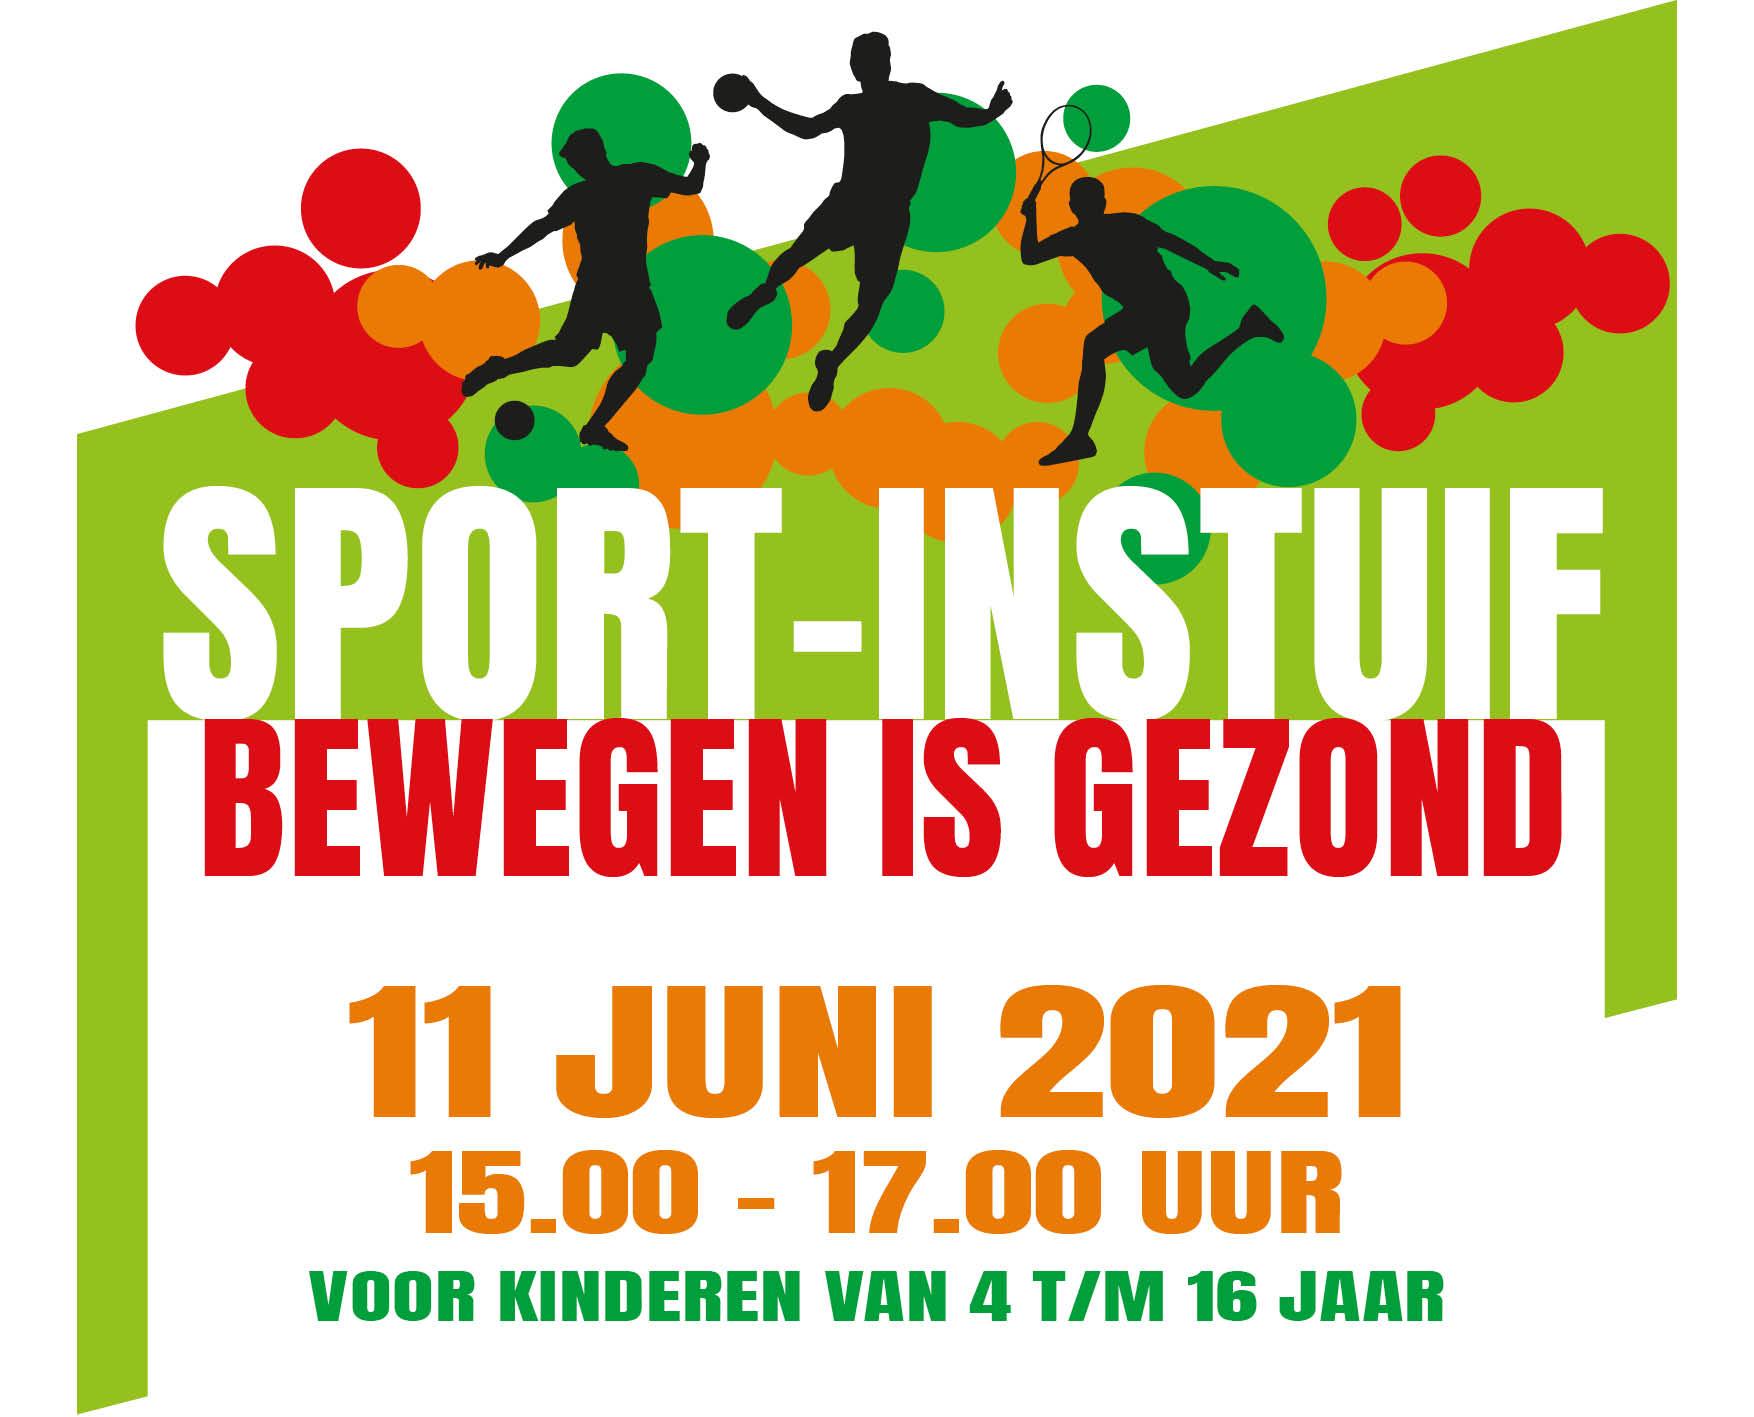 Sportinstuif 'Bewegen is gezond!'